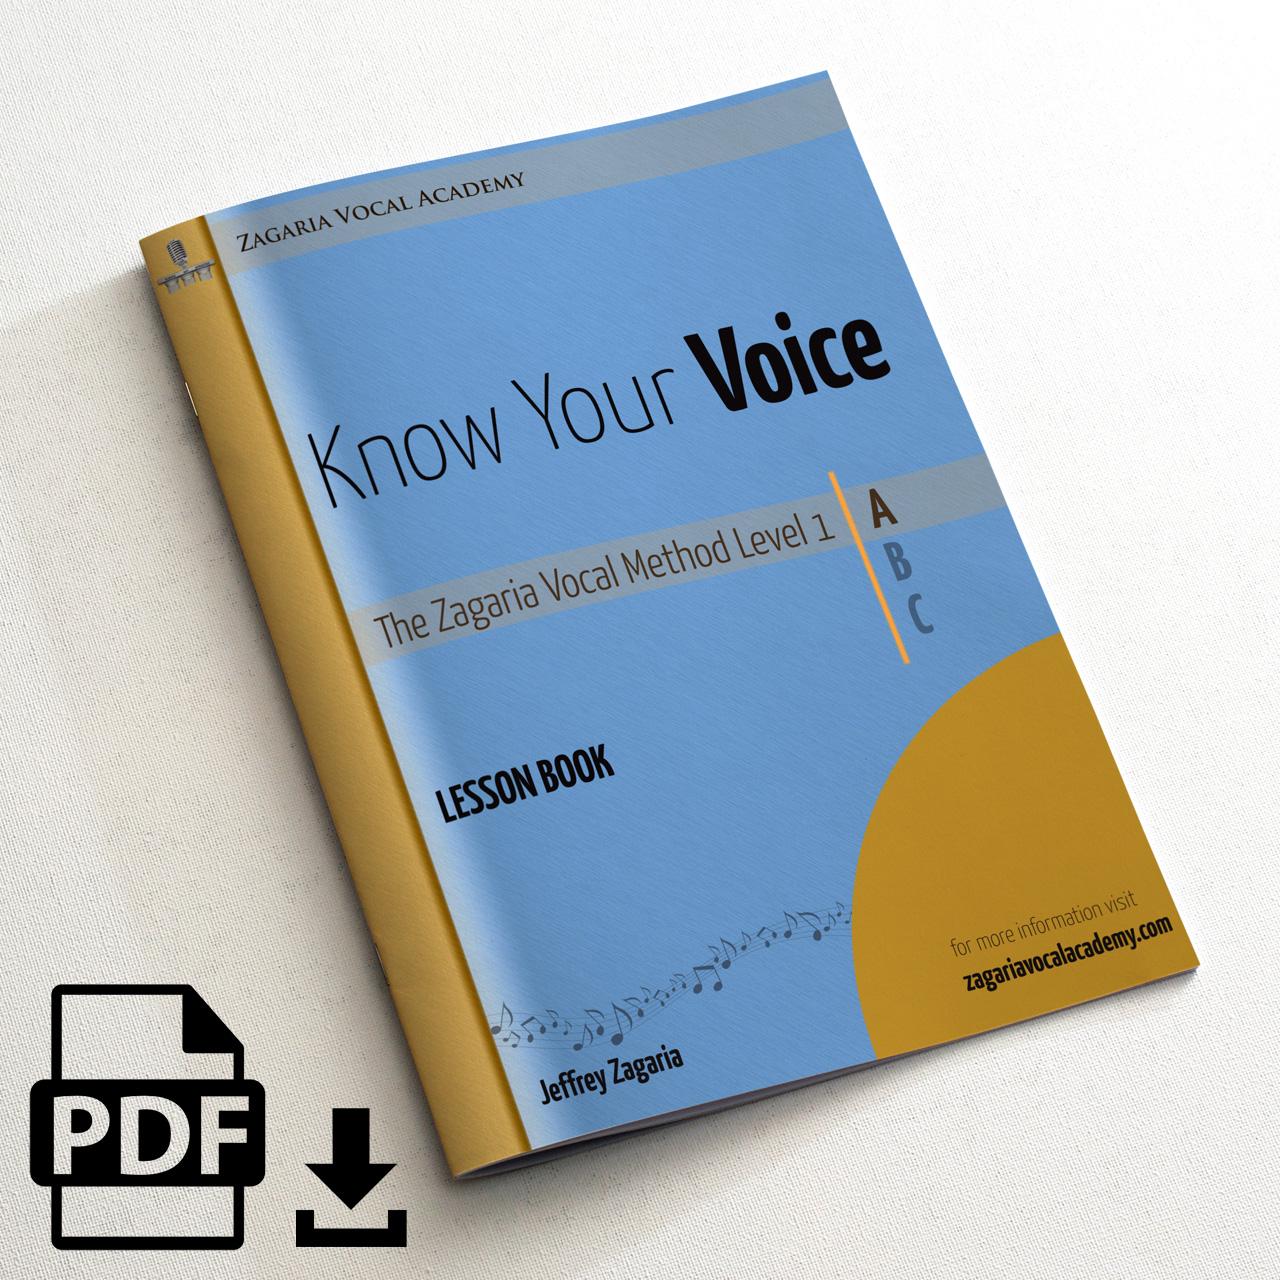 KYV_book_1_